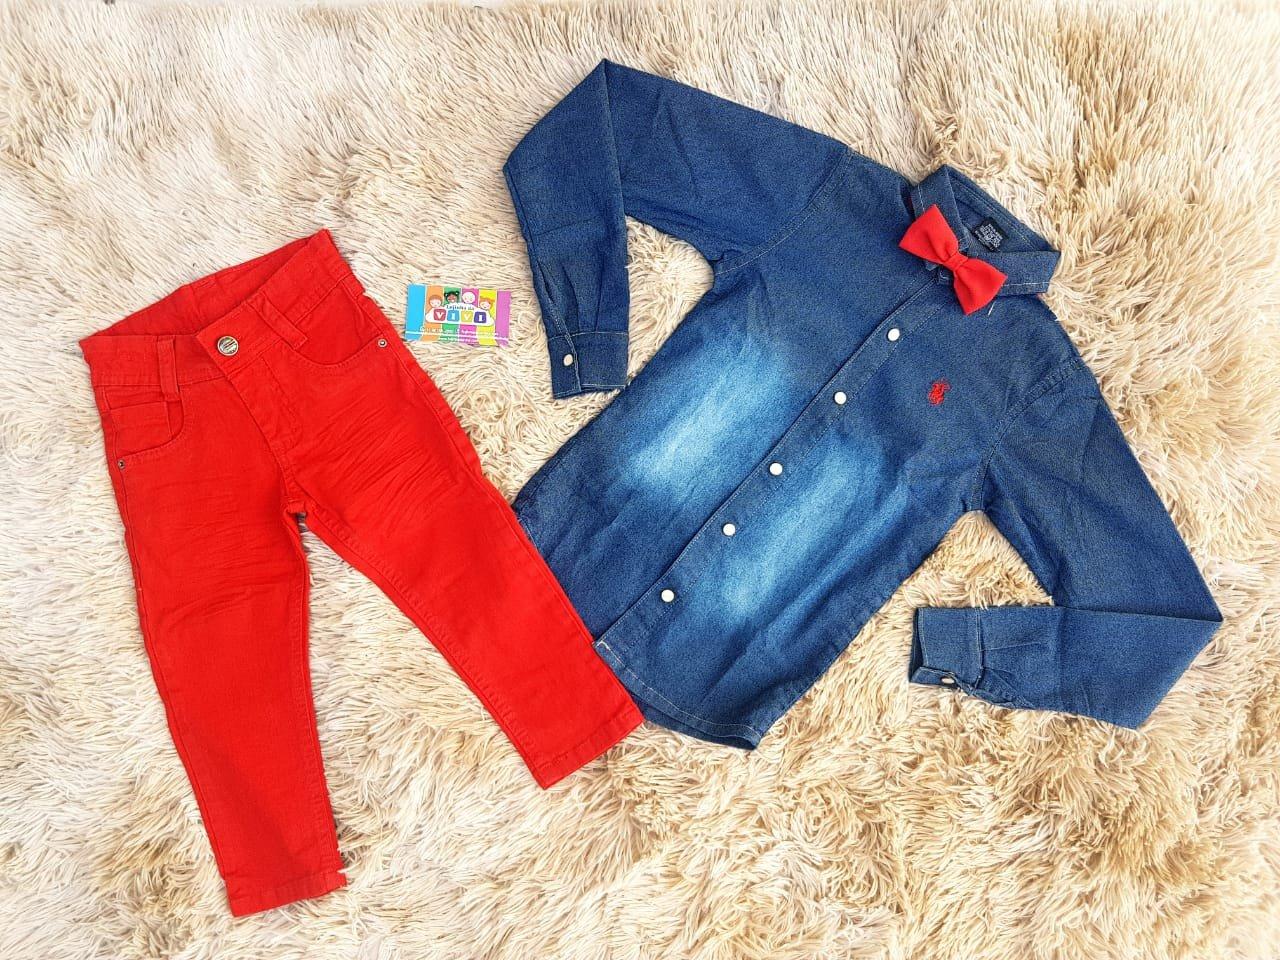 Calça Vermelha com Camisa Jeans e Gravata Vermelha